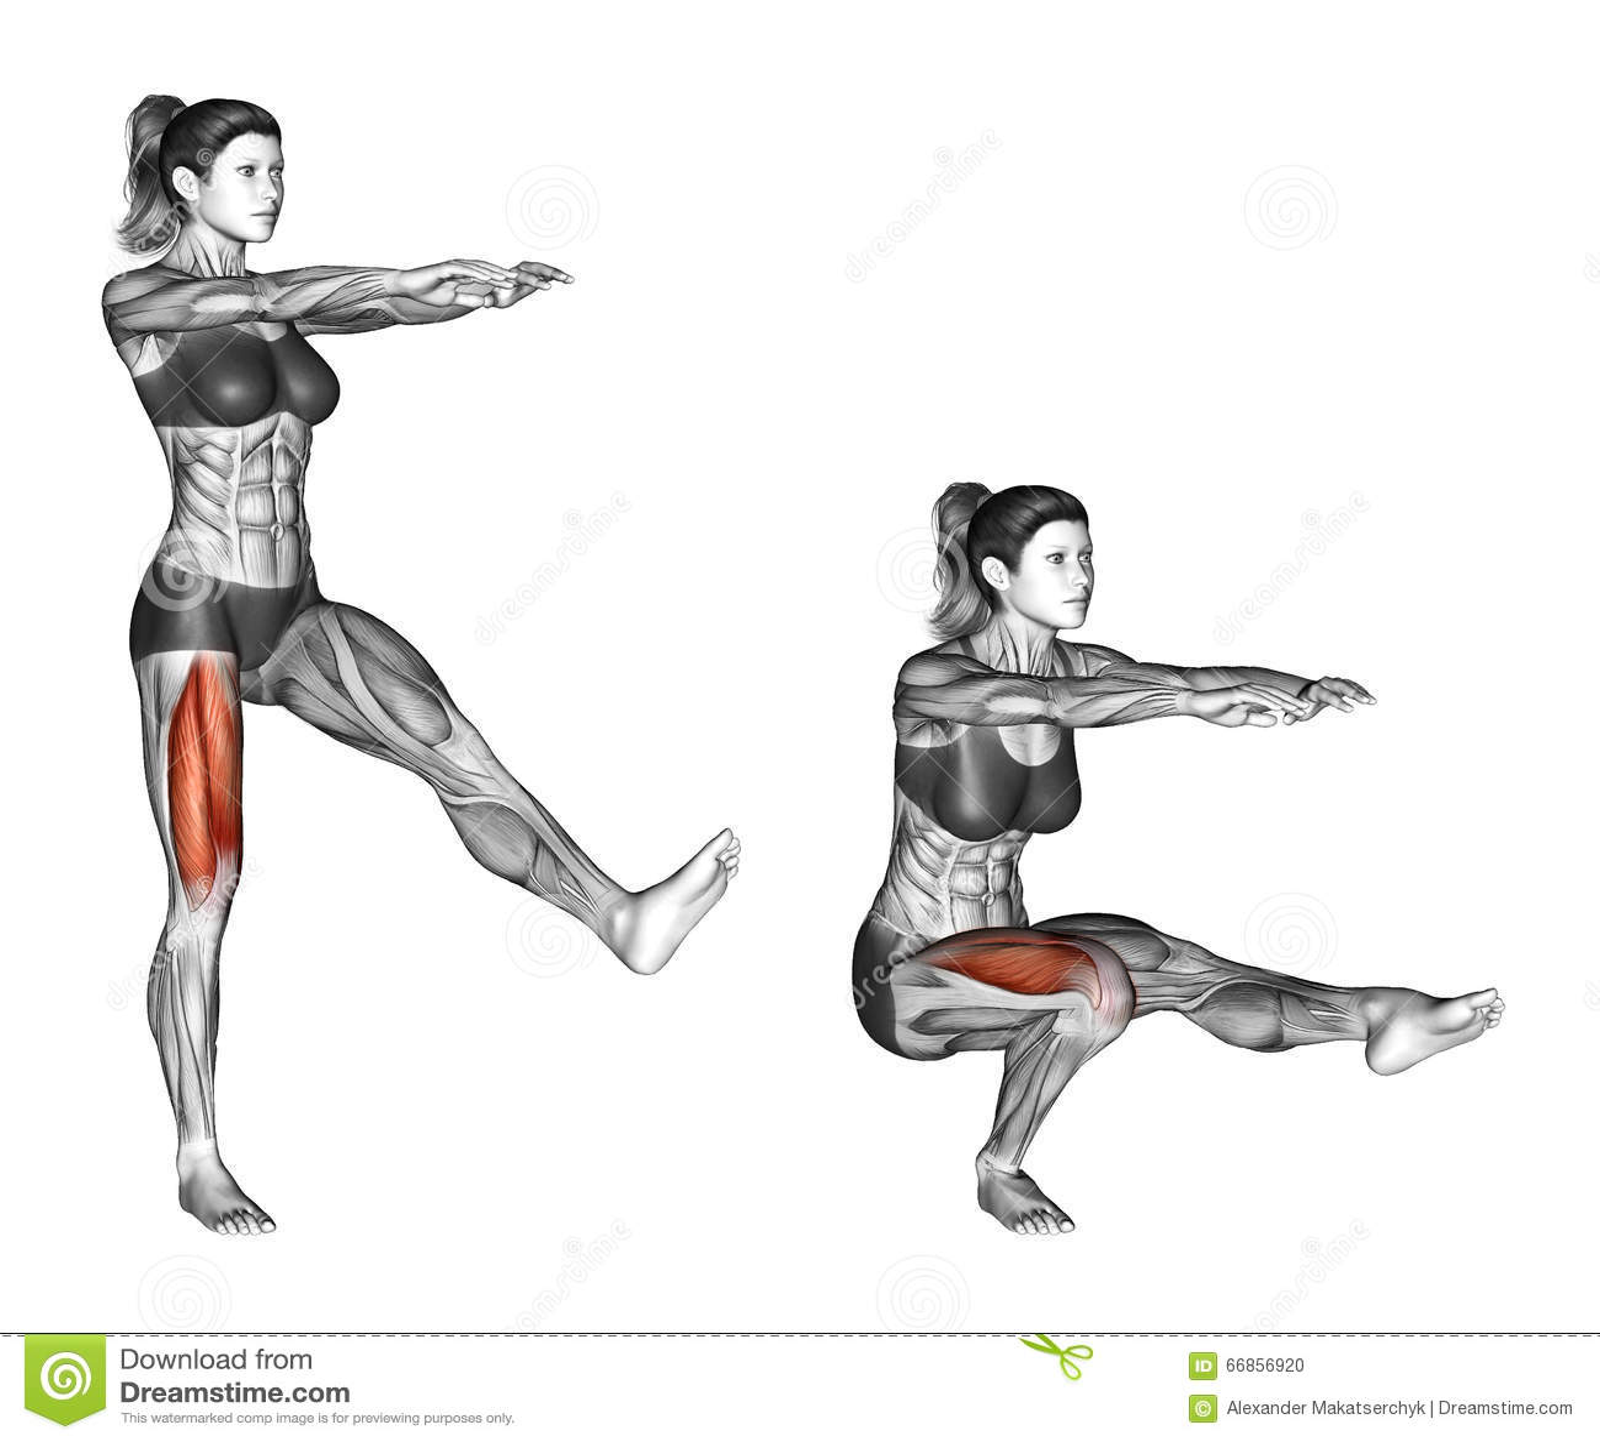 squat and deadlift manual pdf